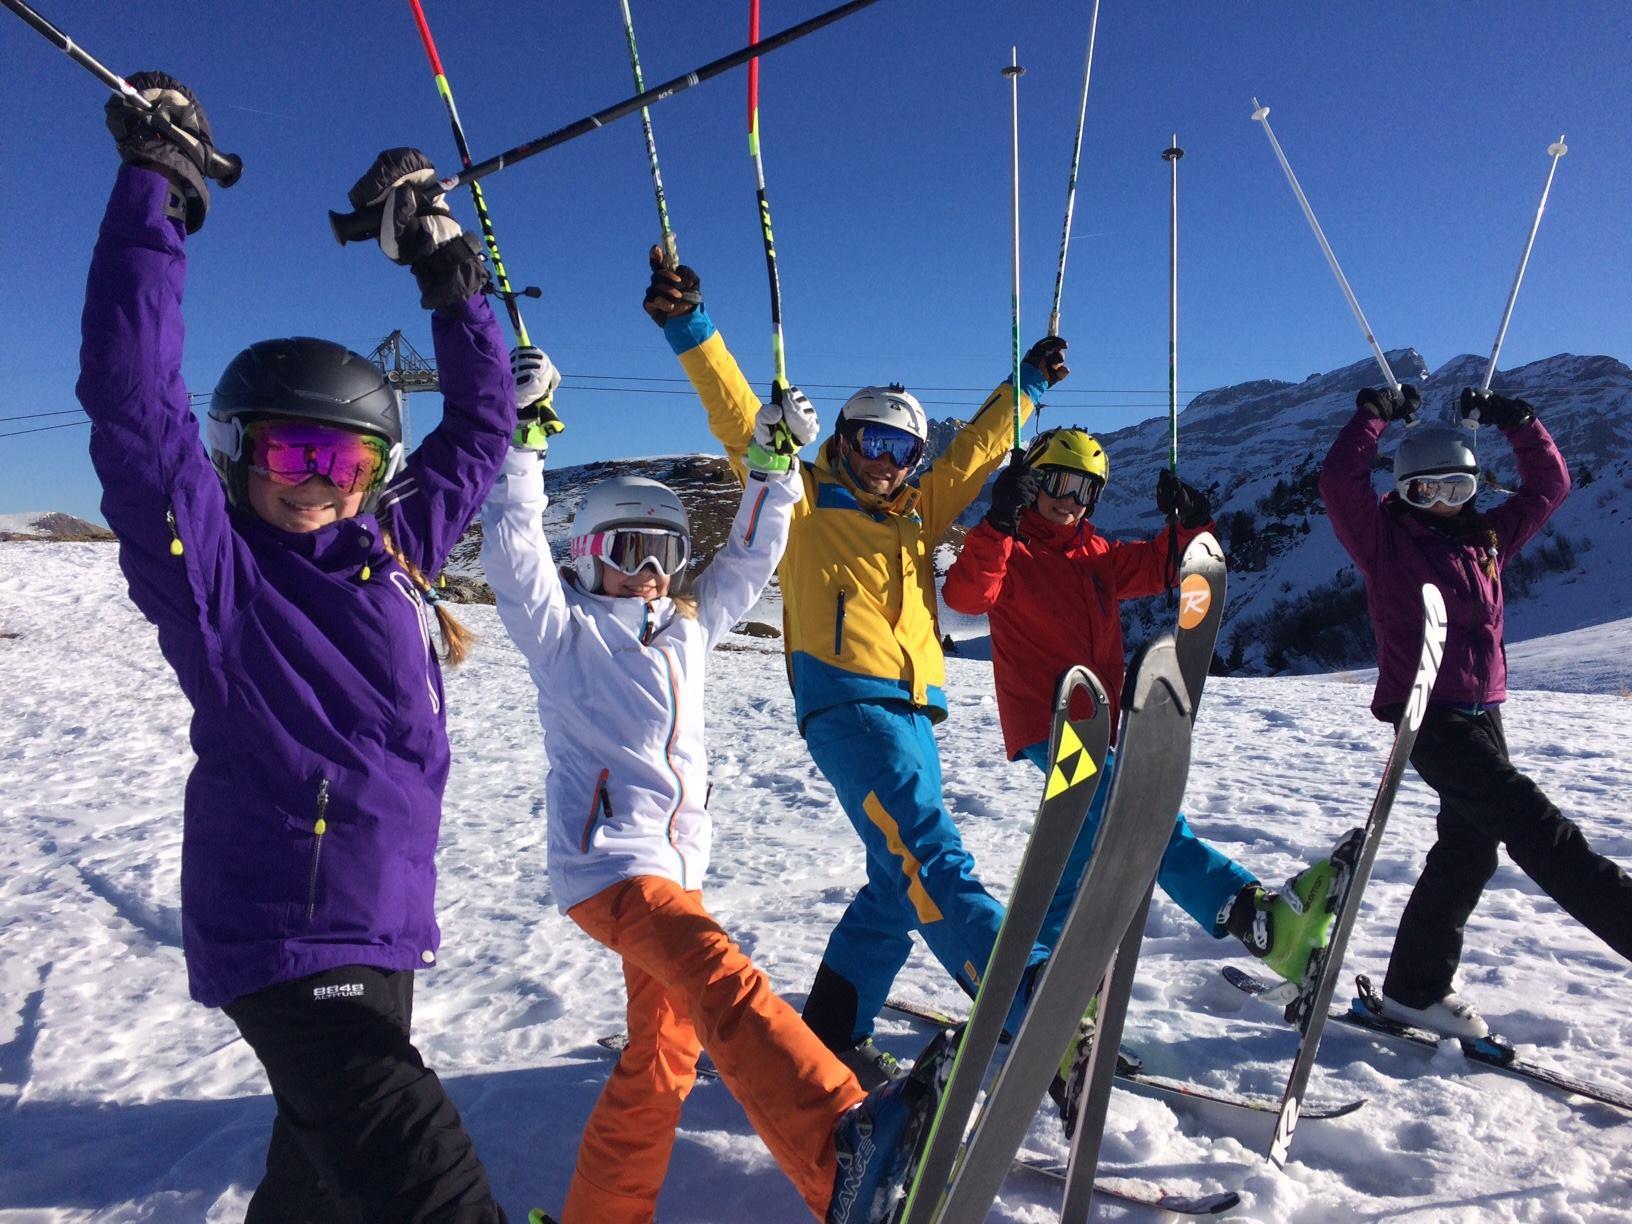 Cours de ski pour Enfants (3-16 ans) - Tous niveaux